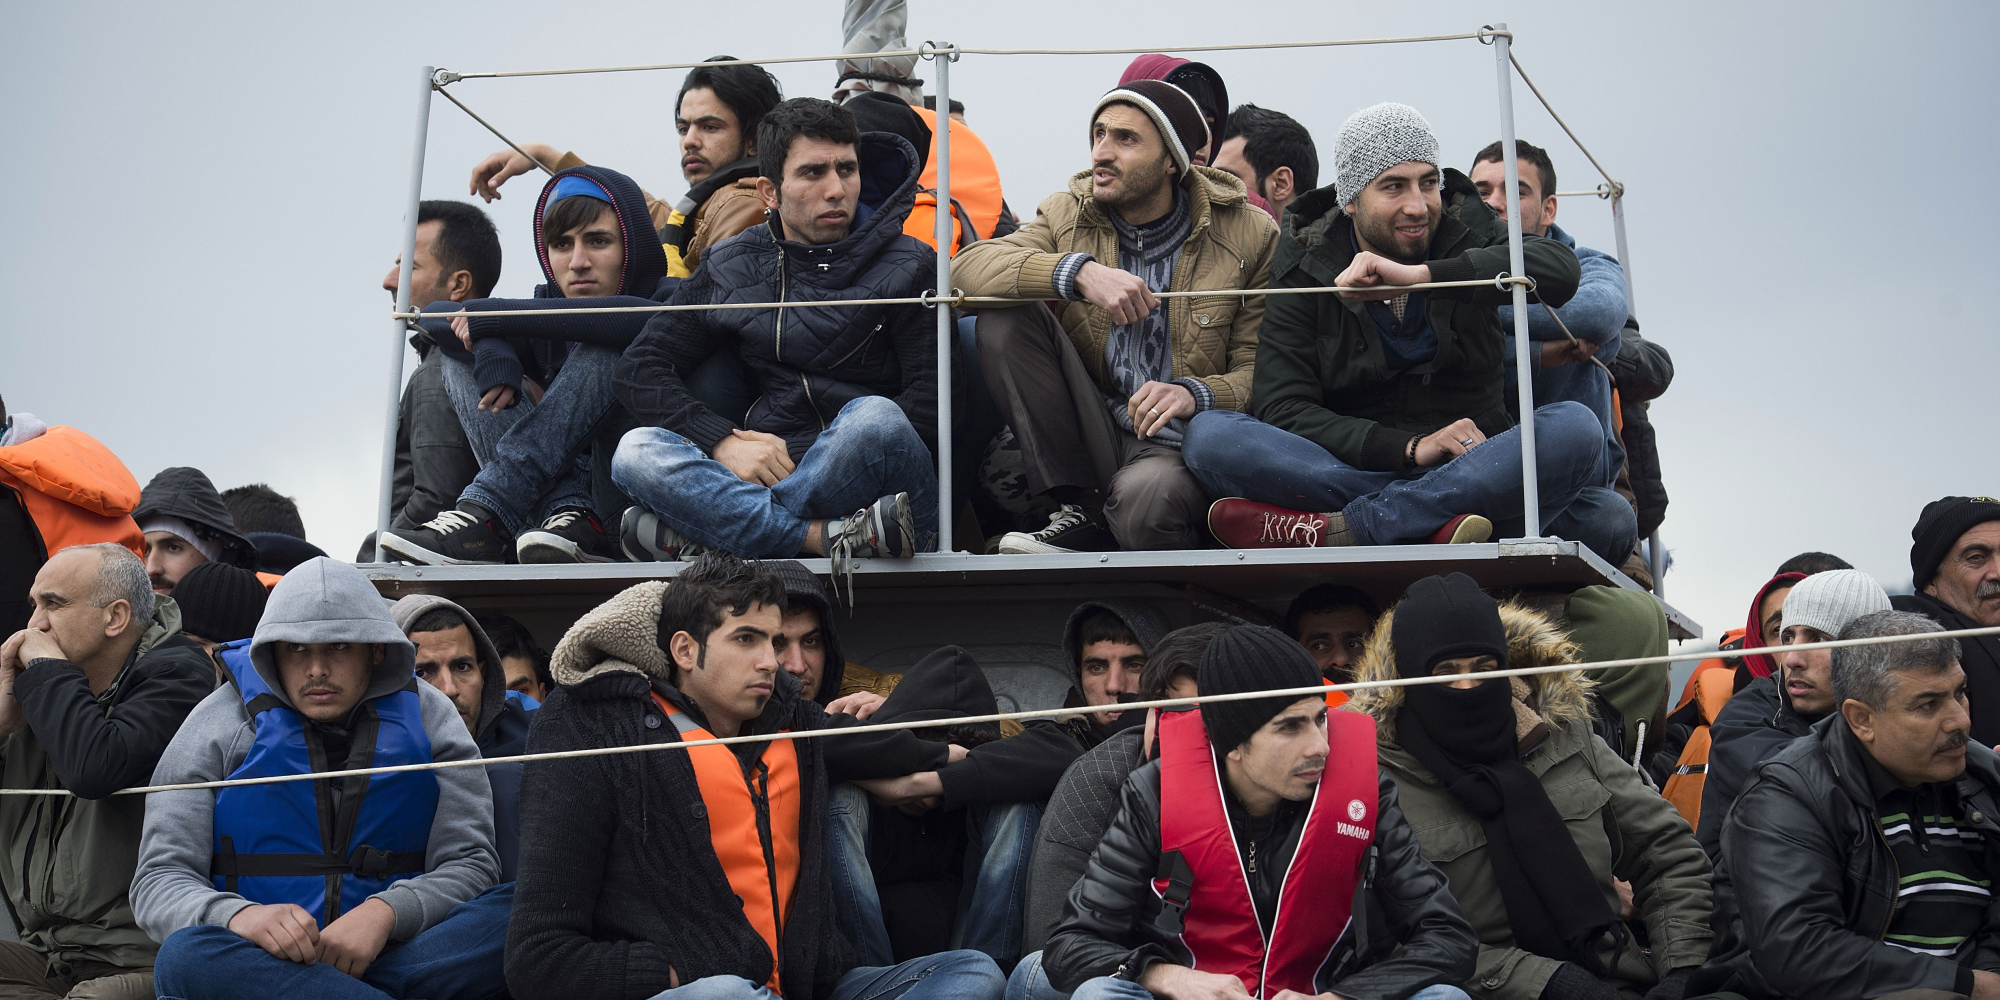 الحكومة الاسترالية تتخذ إجراءات جديدة تصعب الإقامة على المهاجرين